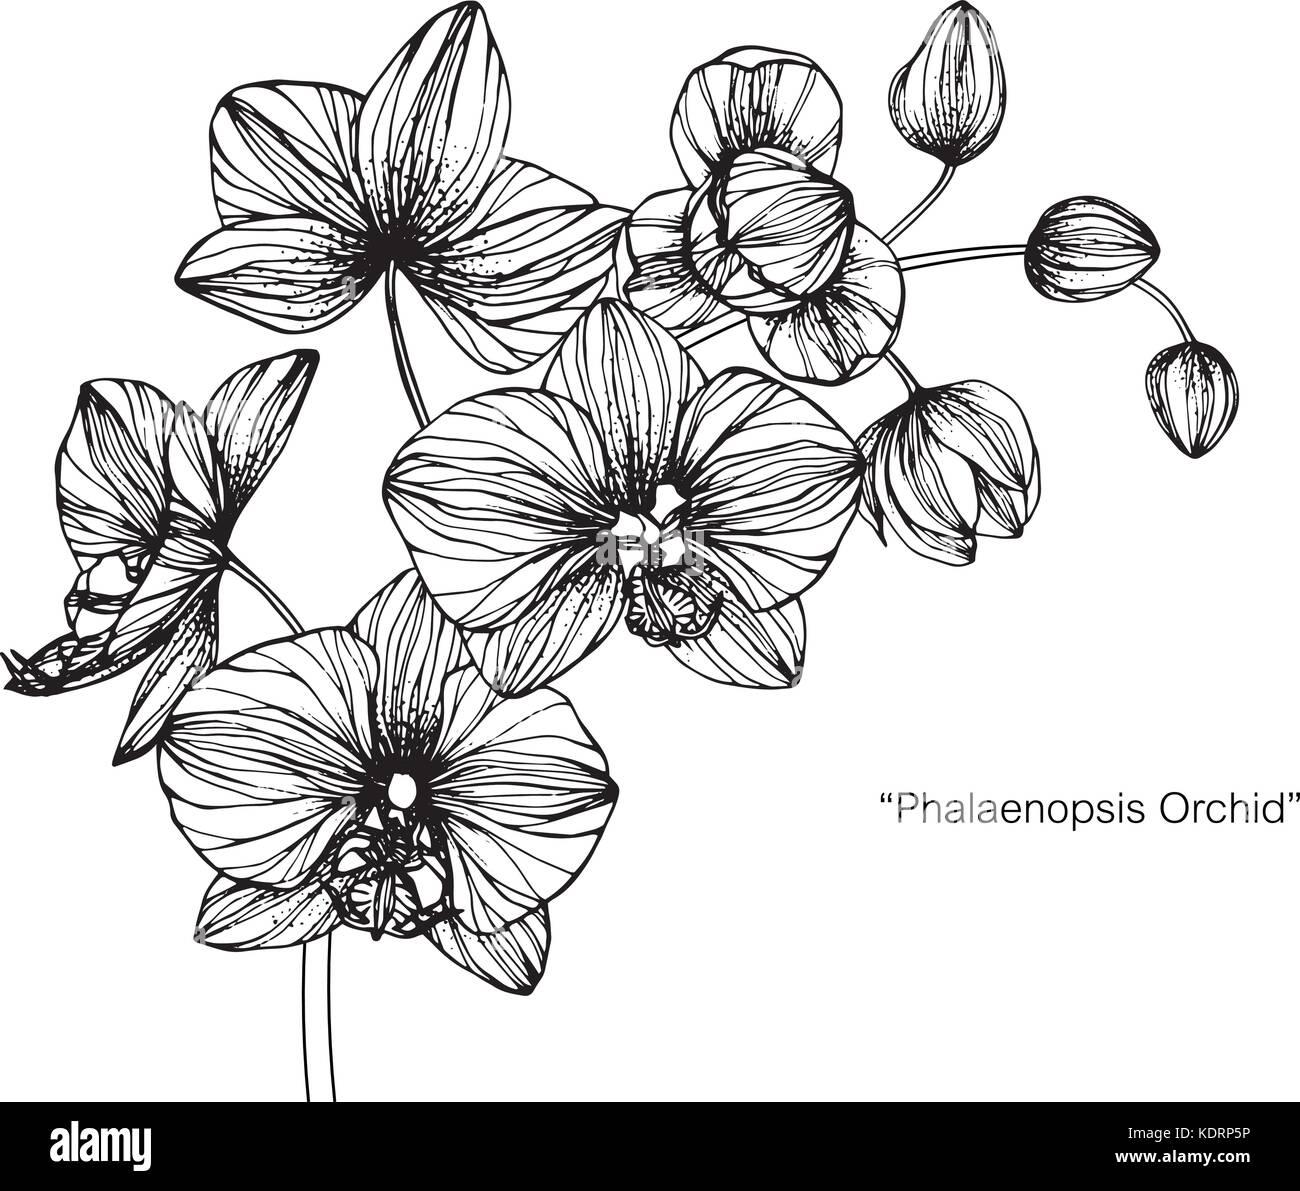 Orchidee Fleur Dessin Illustration Noir Et Blanc Avec Des